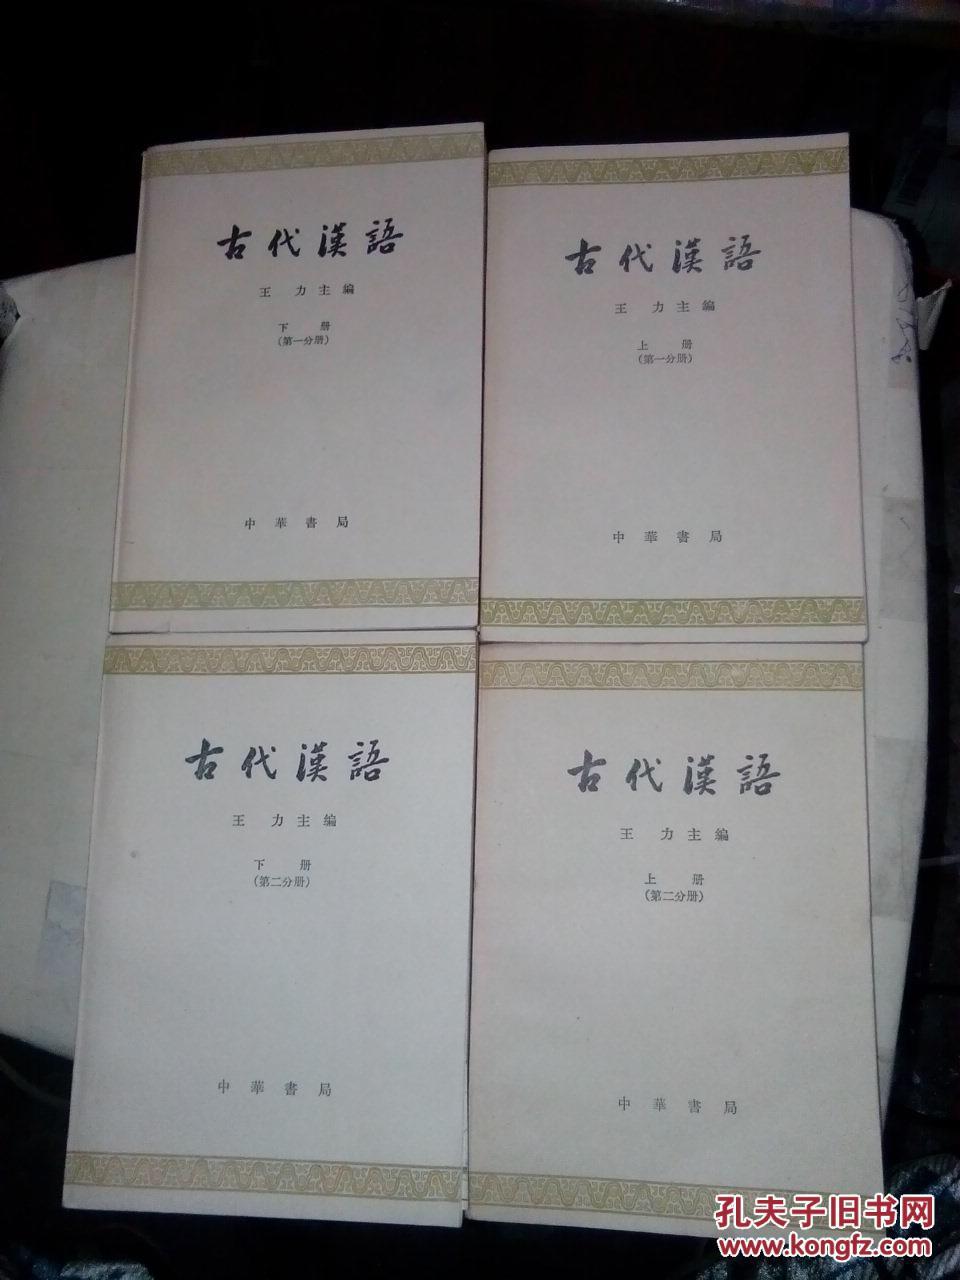 【图】古代汉语图片